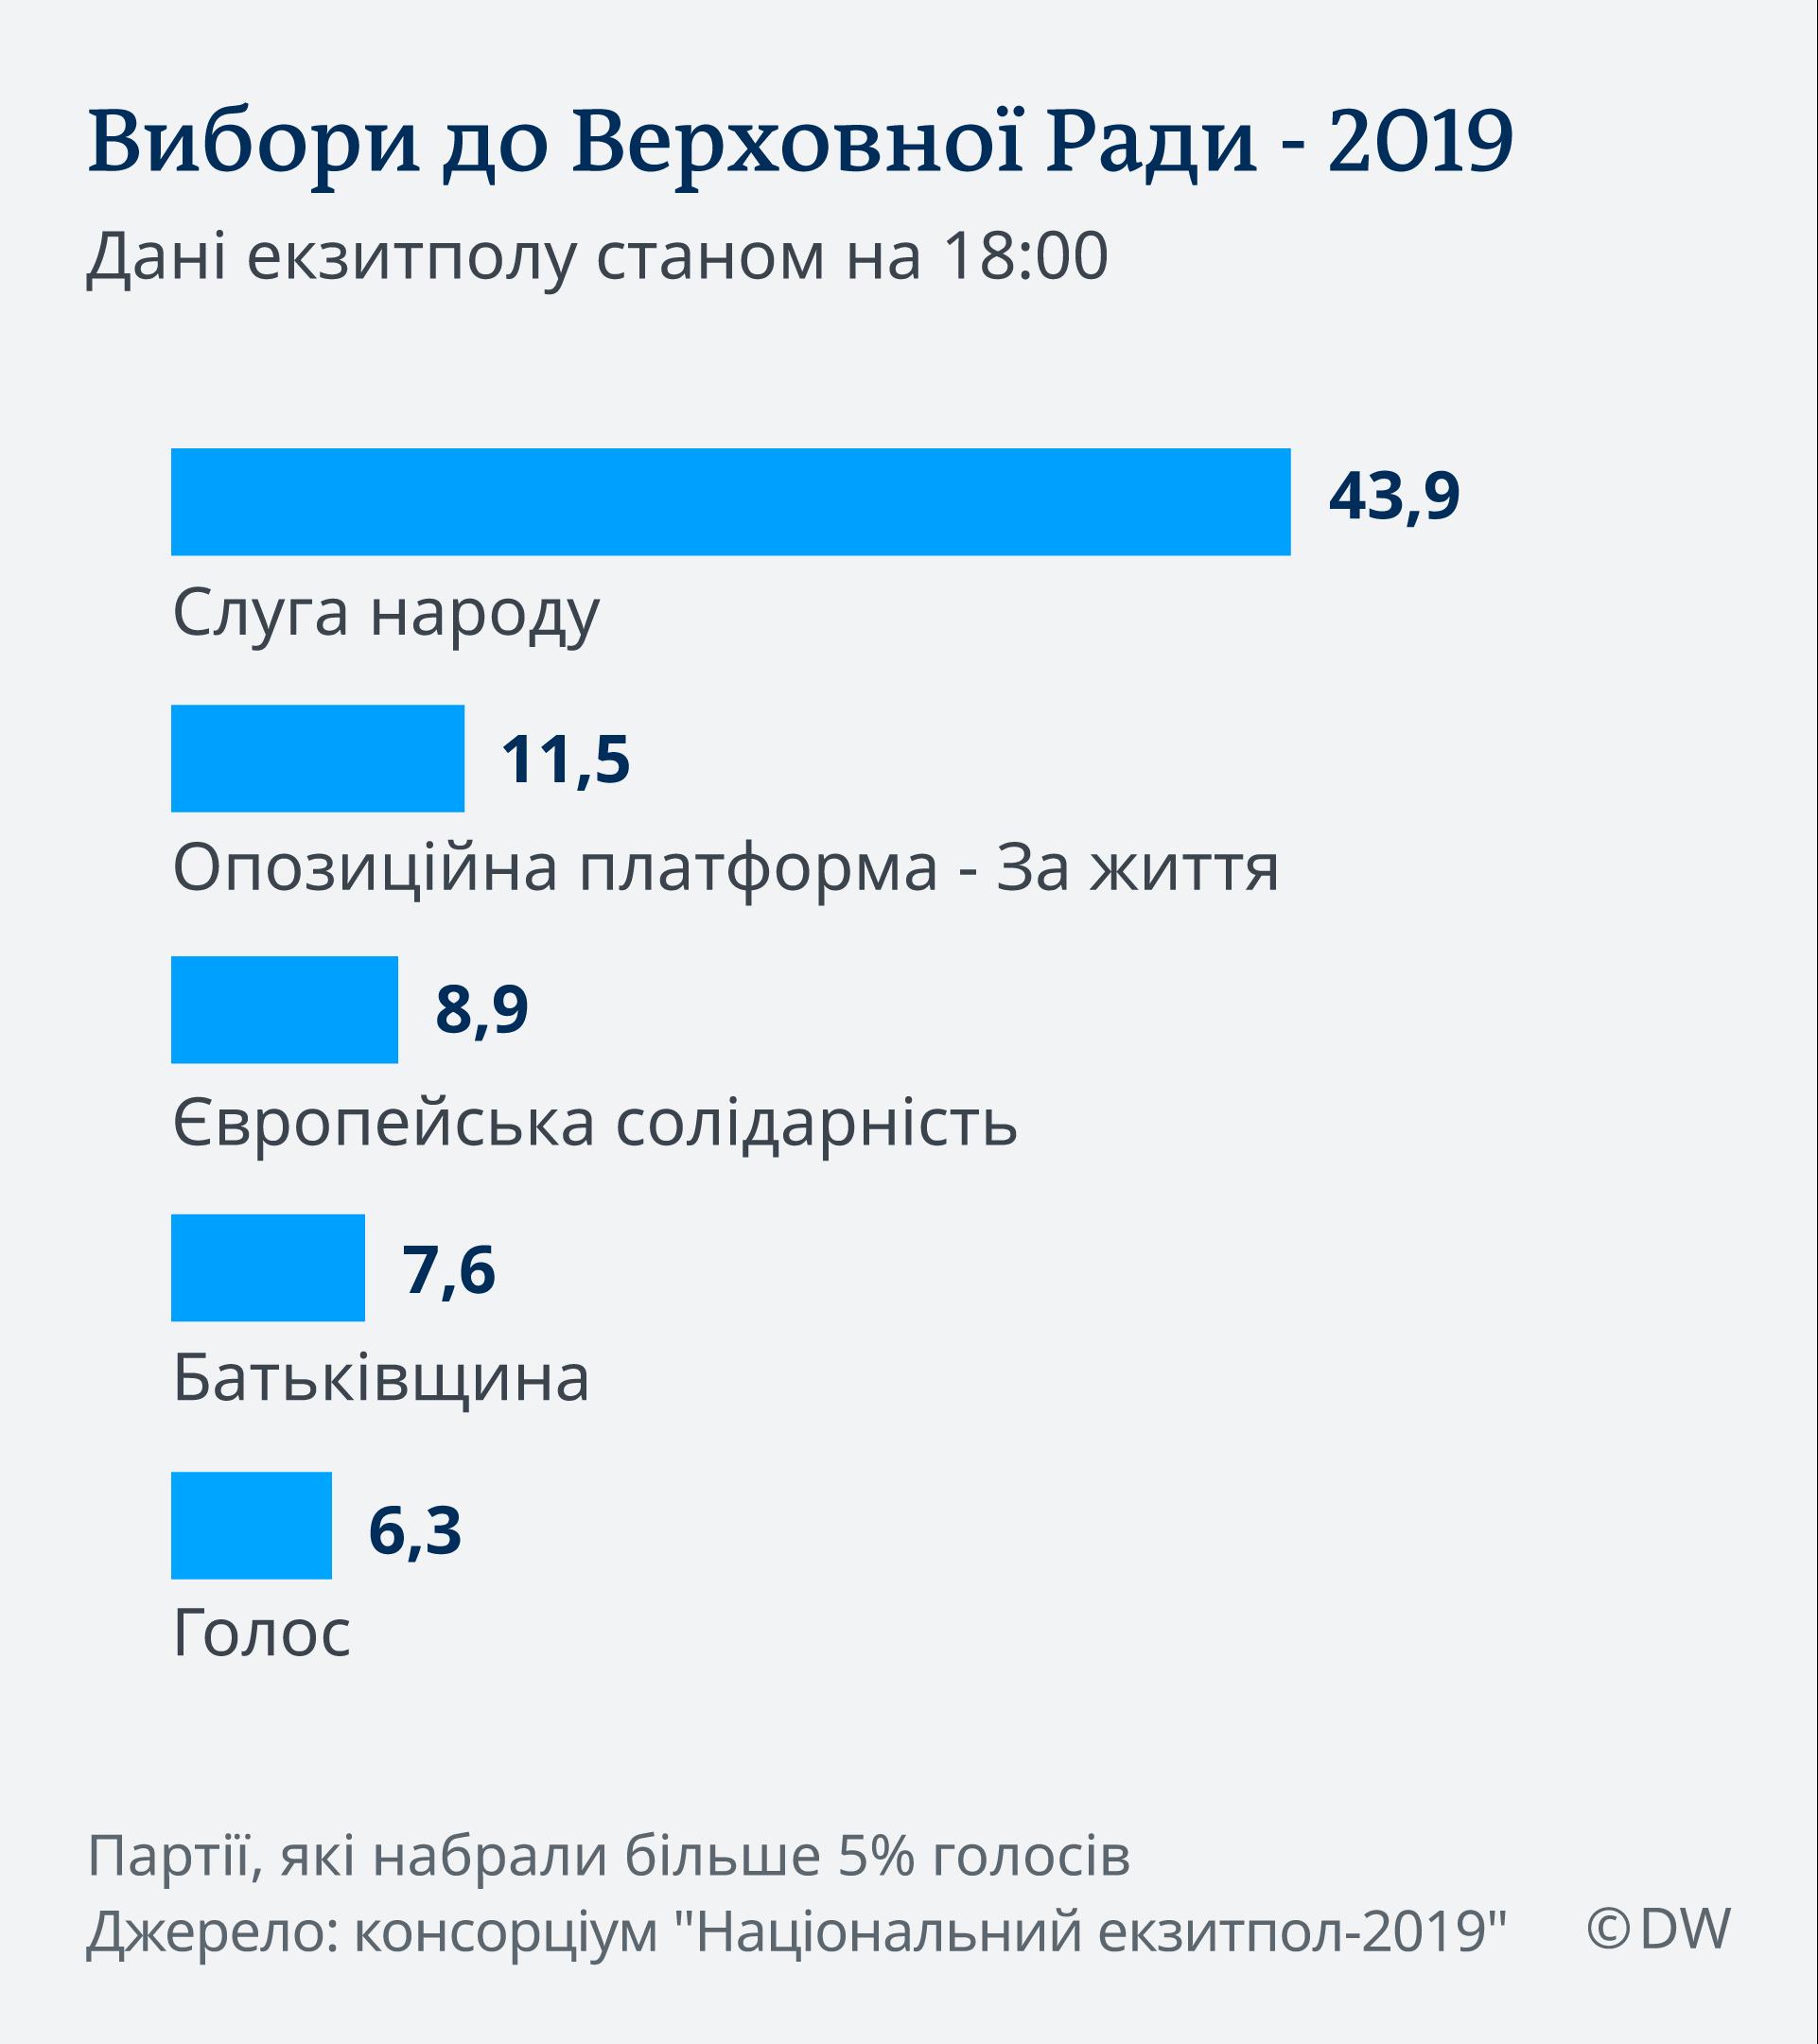 Infografik 1. Hochrechnung Ukrainewahl 21.7.2019 UK